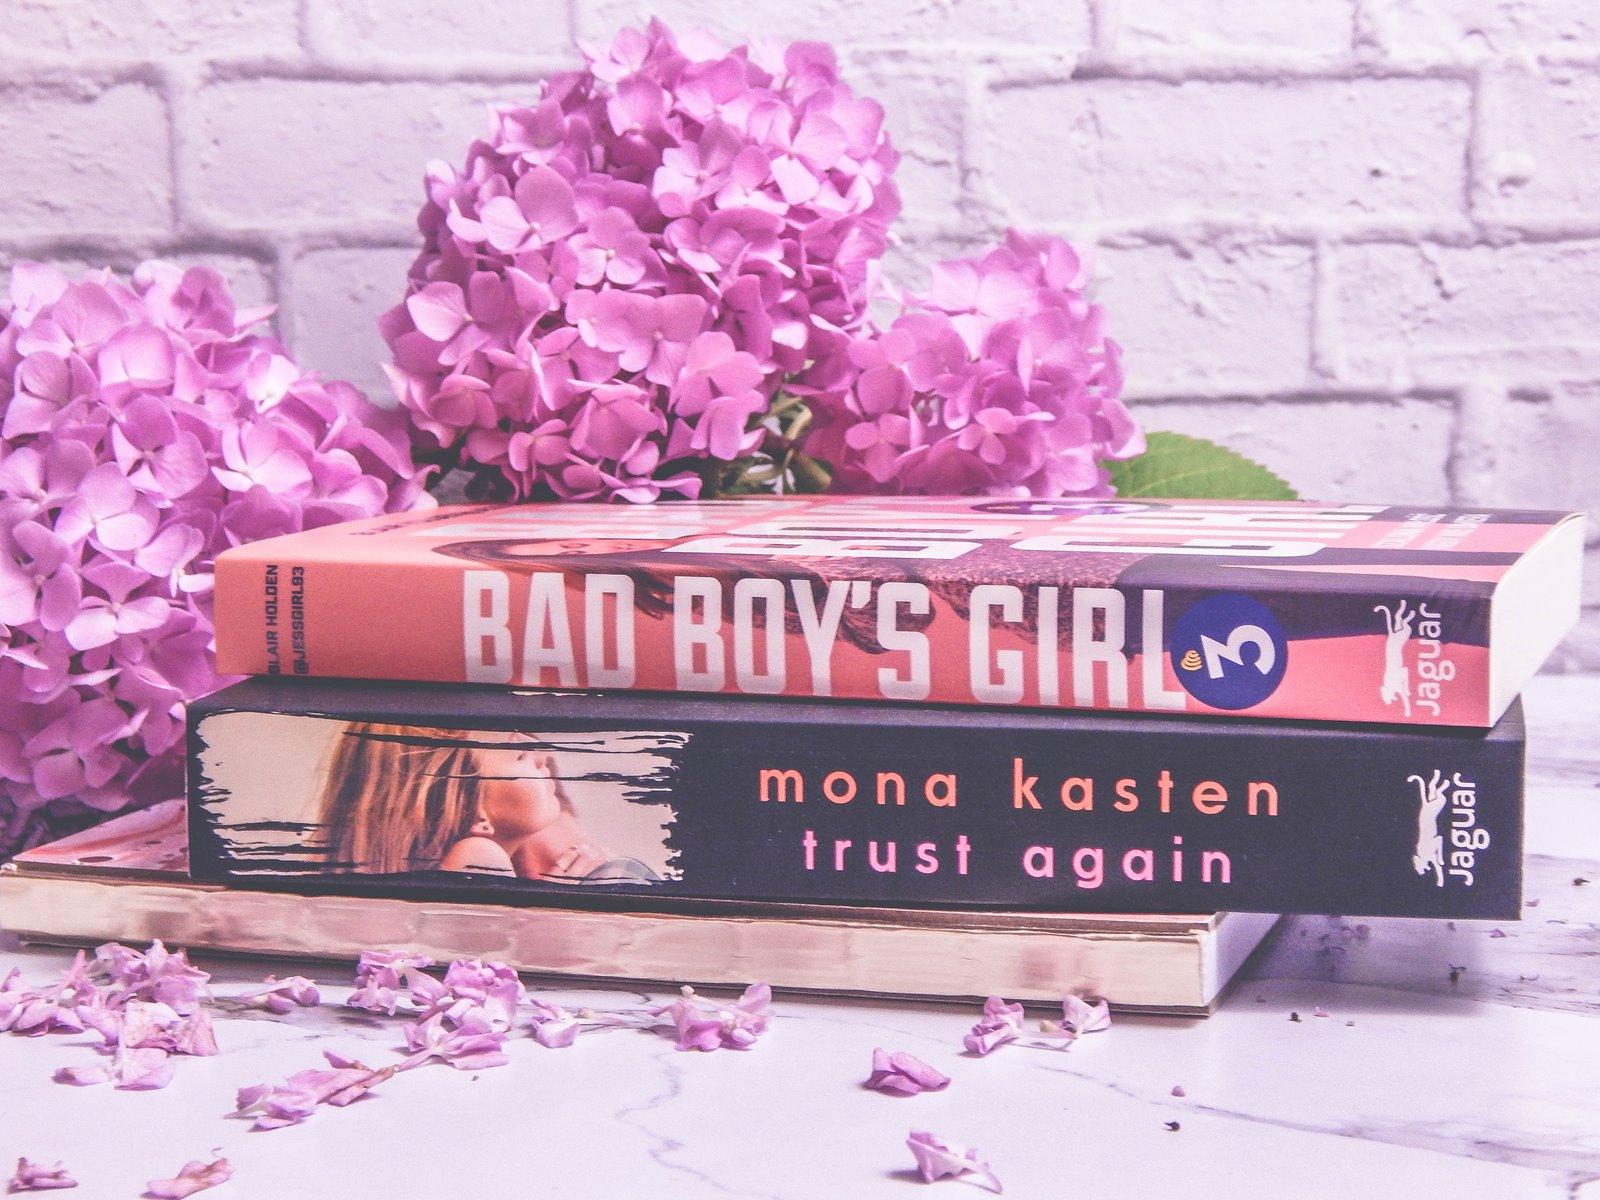 bad boys gilr I II III - recenzja opinie, cena, blog ksiązkowy, recenzje, ksiązki na wakacje, begin again, polska wersja trust again ekranizacja, blog blogi, opowieści idealne dla dorosłych, dla nastolatków, romanse